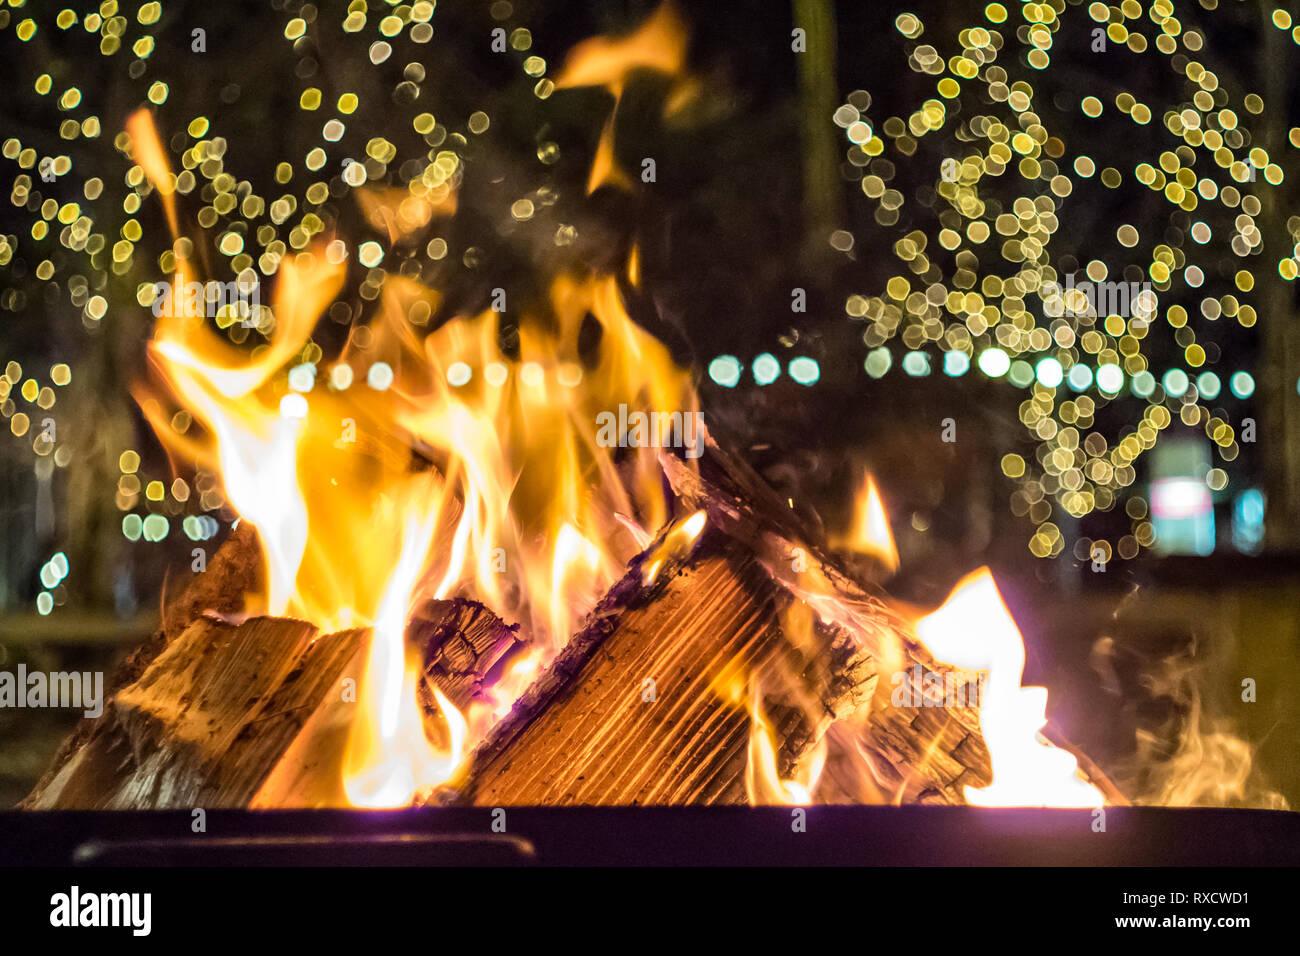 Impressionen vom Weihnachtsmarkt in Pfaffenhofen - brennendes Holz, Feuerstelle zum Aufwärmen - Stock Image